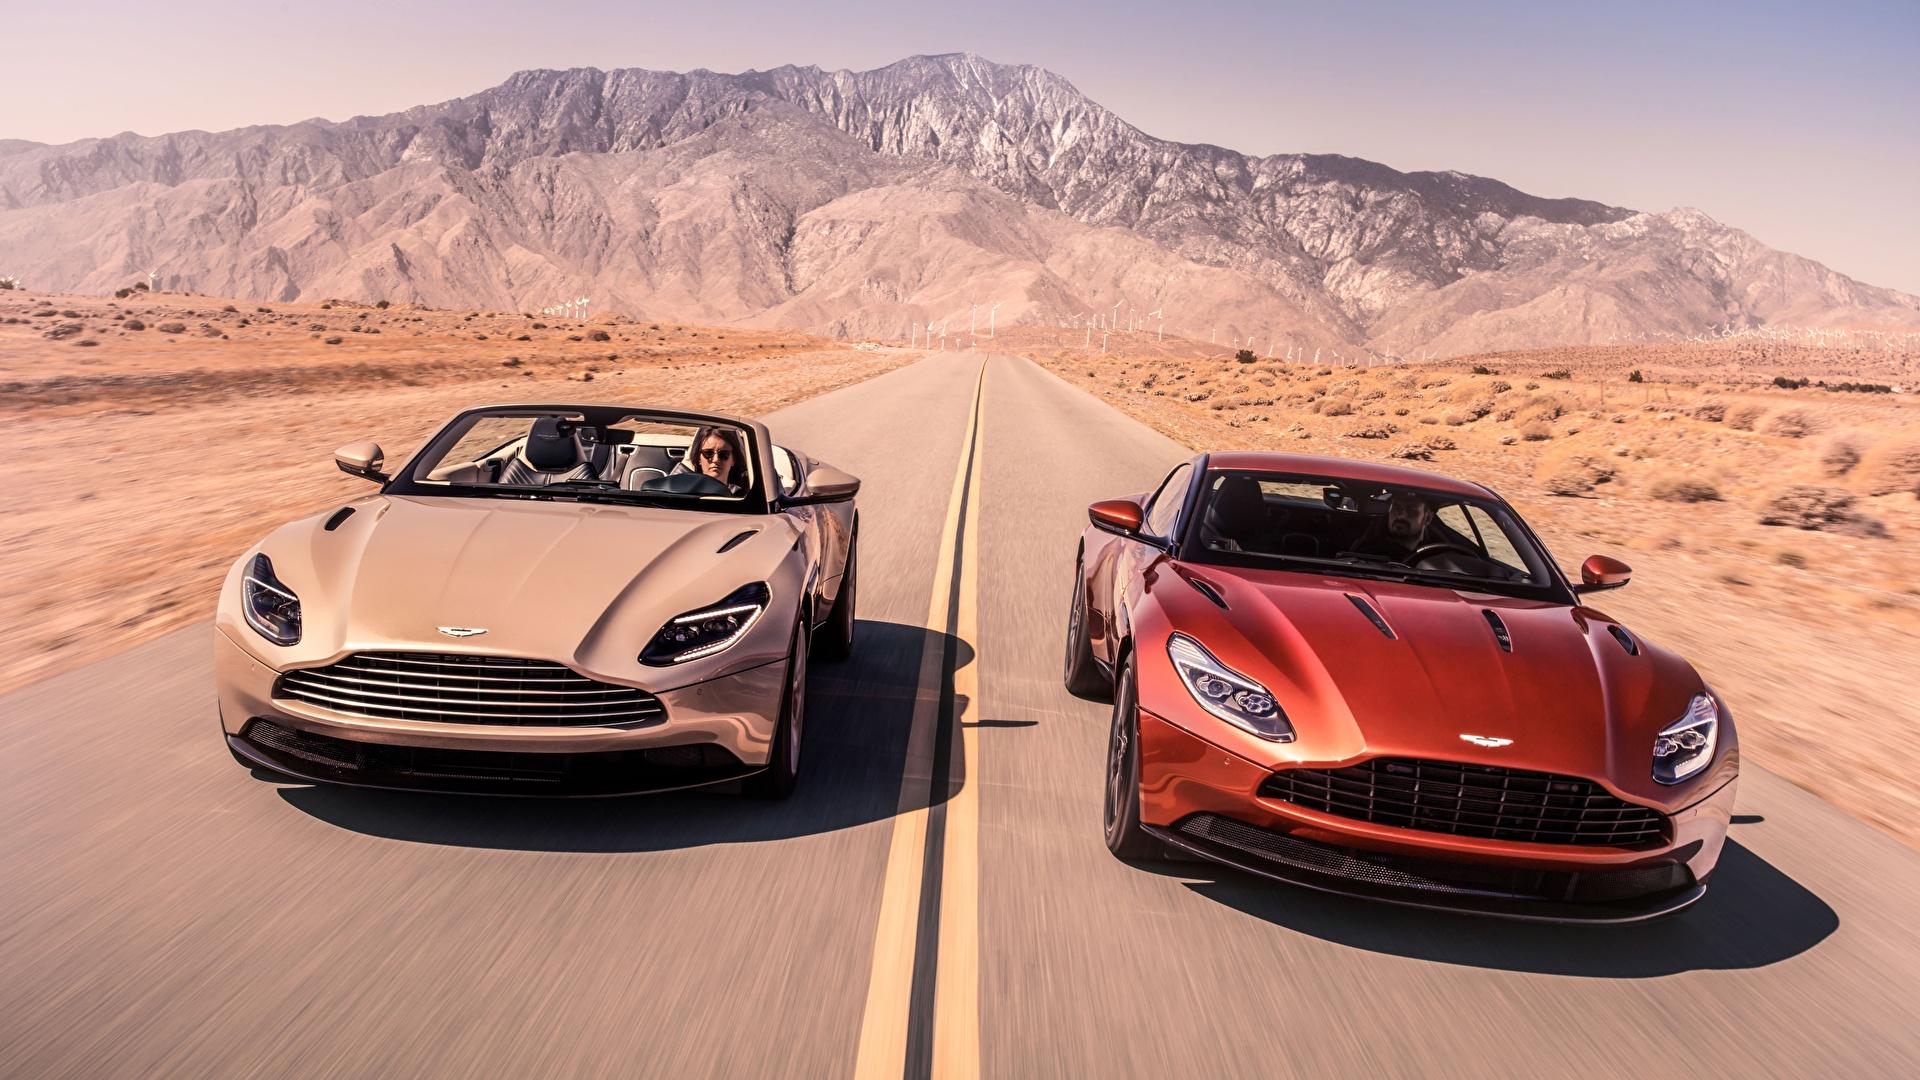 Фотографии Aston Martin DB11, V8, Volante, 2018 кабриолета 2 Дороги Движение машина 1920x1080 Астон мартин Кабриолет два две Двое вдвоем едет едущий едущая скорость авто машины Автомобили автомобиль